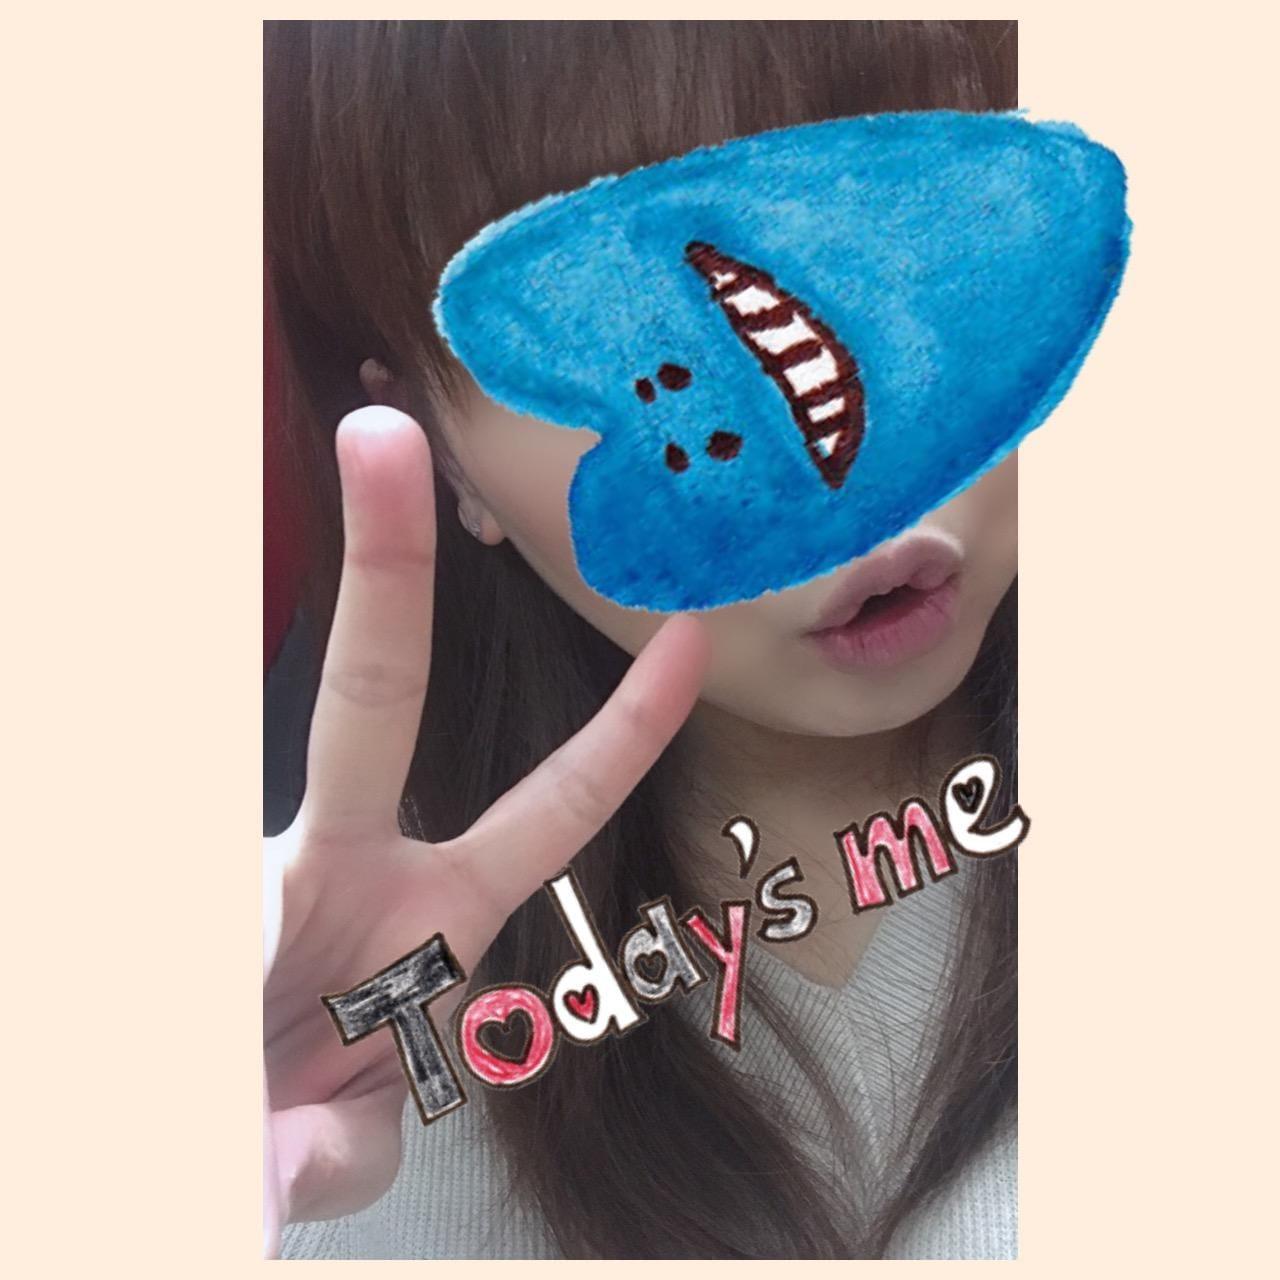 「おはよーー♪」12/25(金) 09:41 | みさおの写メ・風俗動画